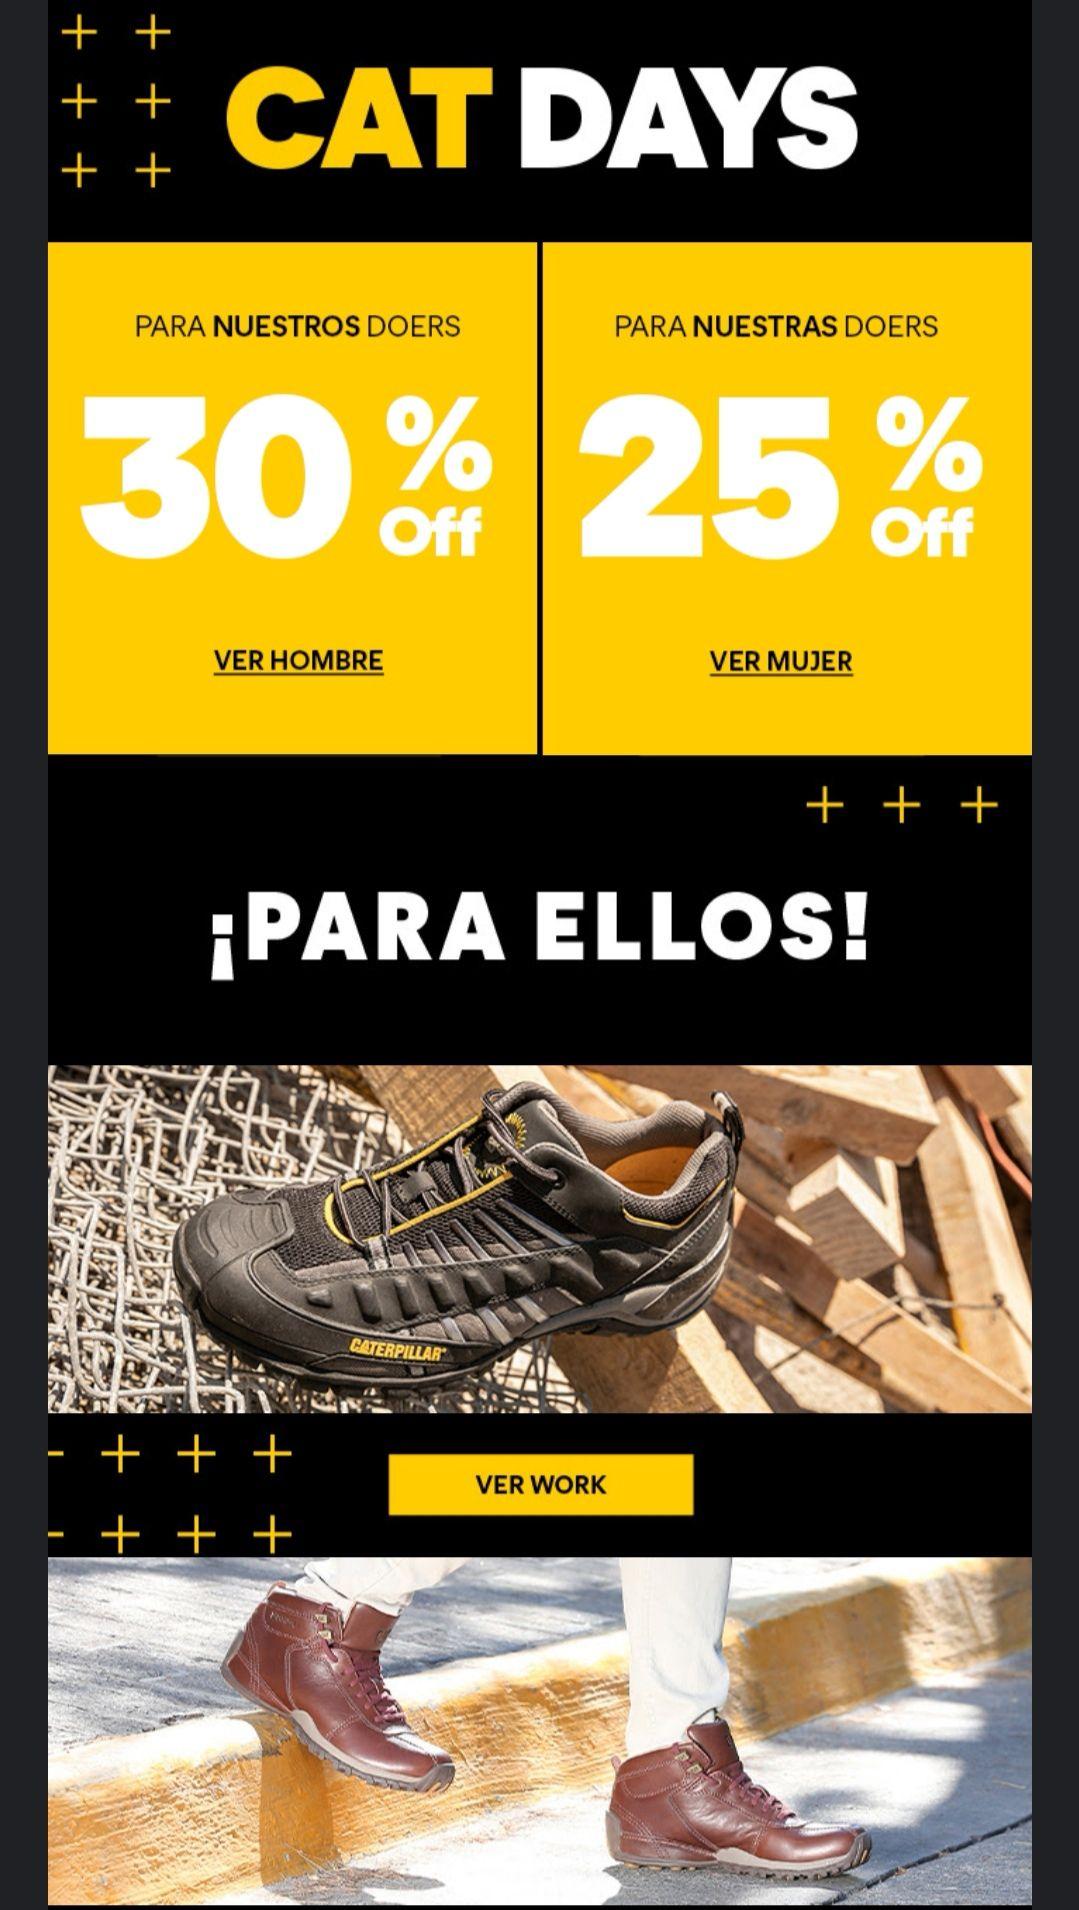 Catfootwear: Cat Days 30% de descuento hombres y 25% mujeres